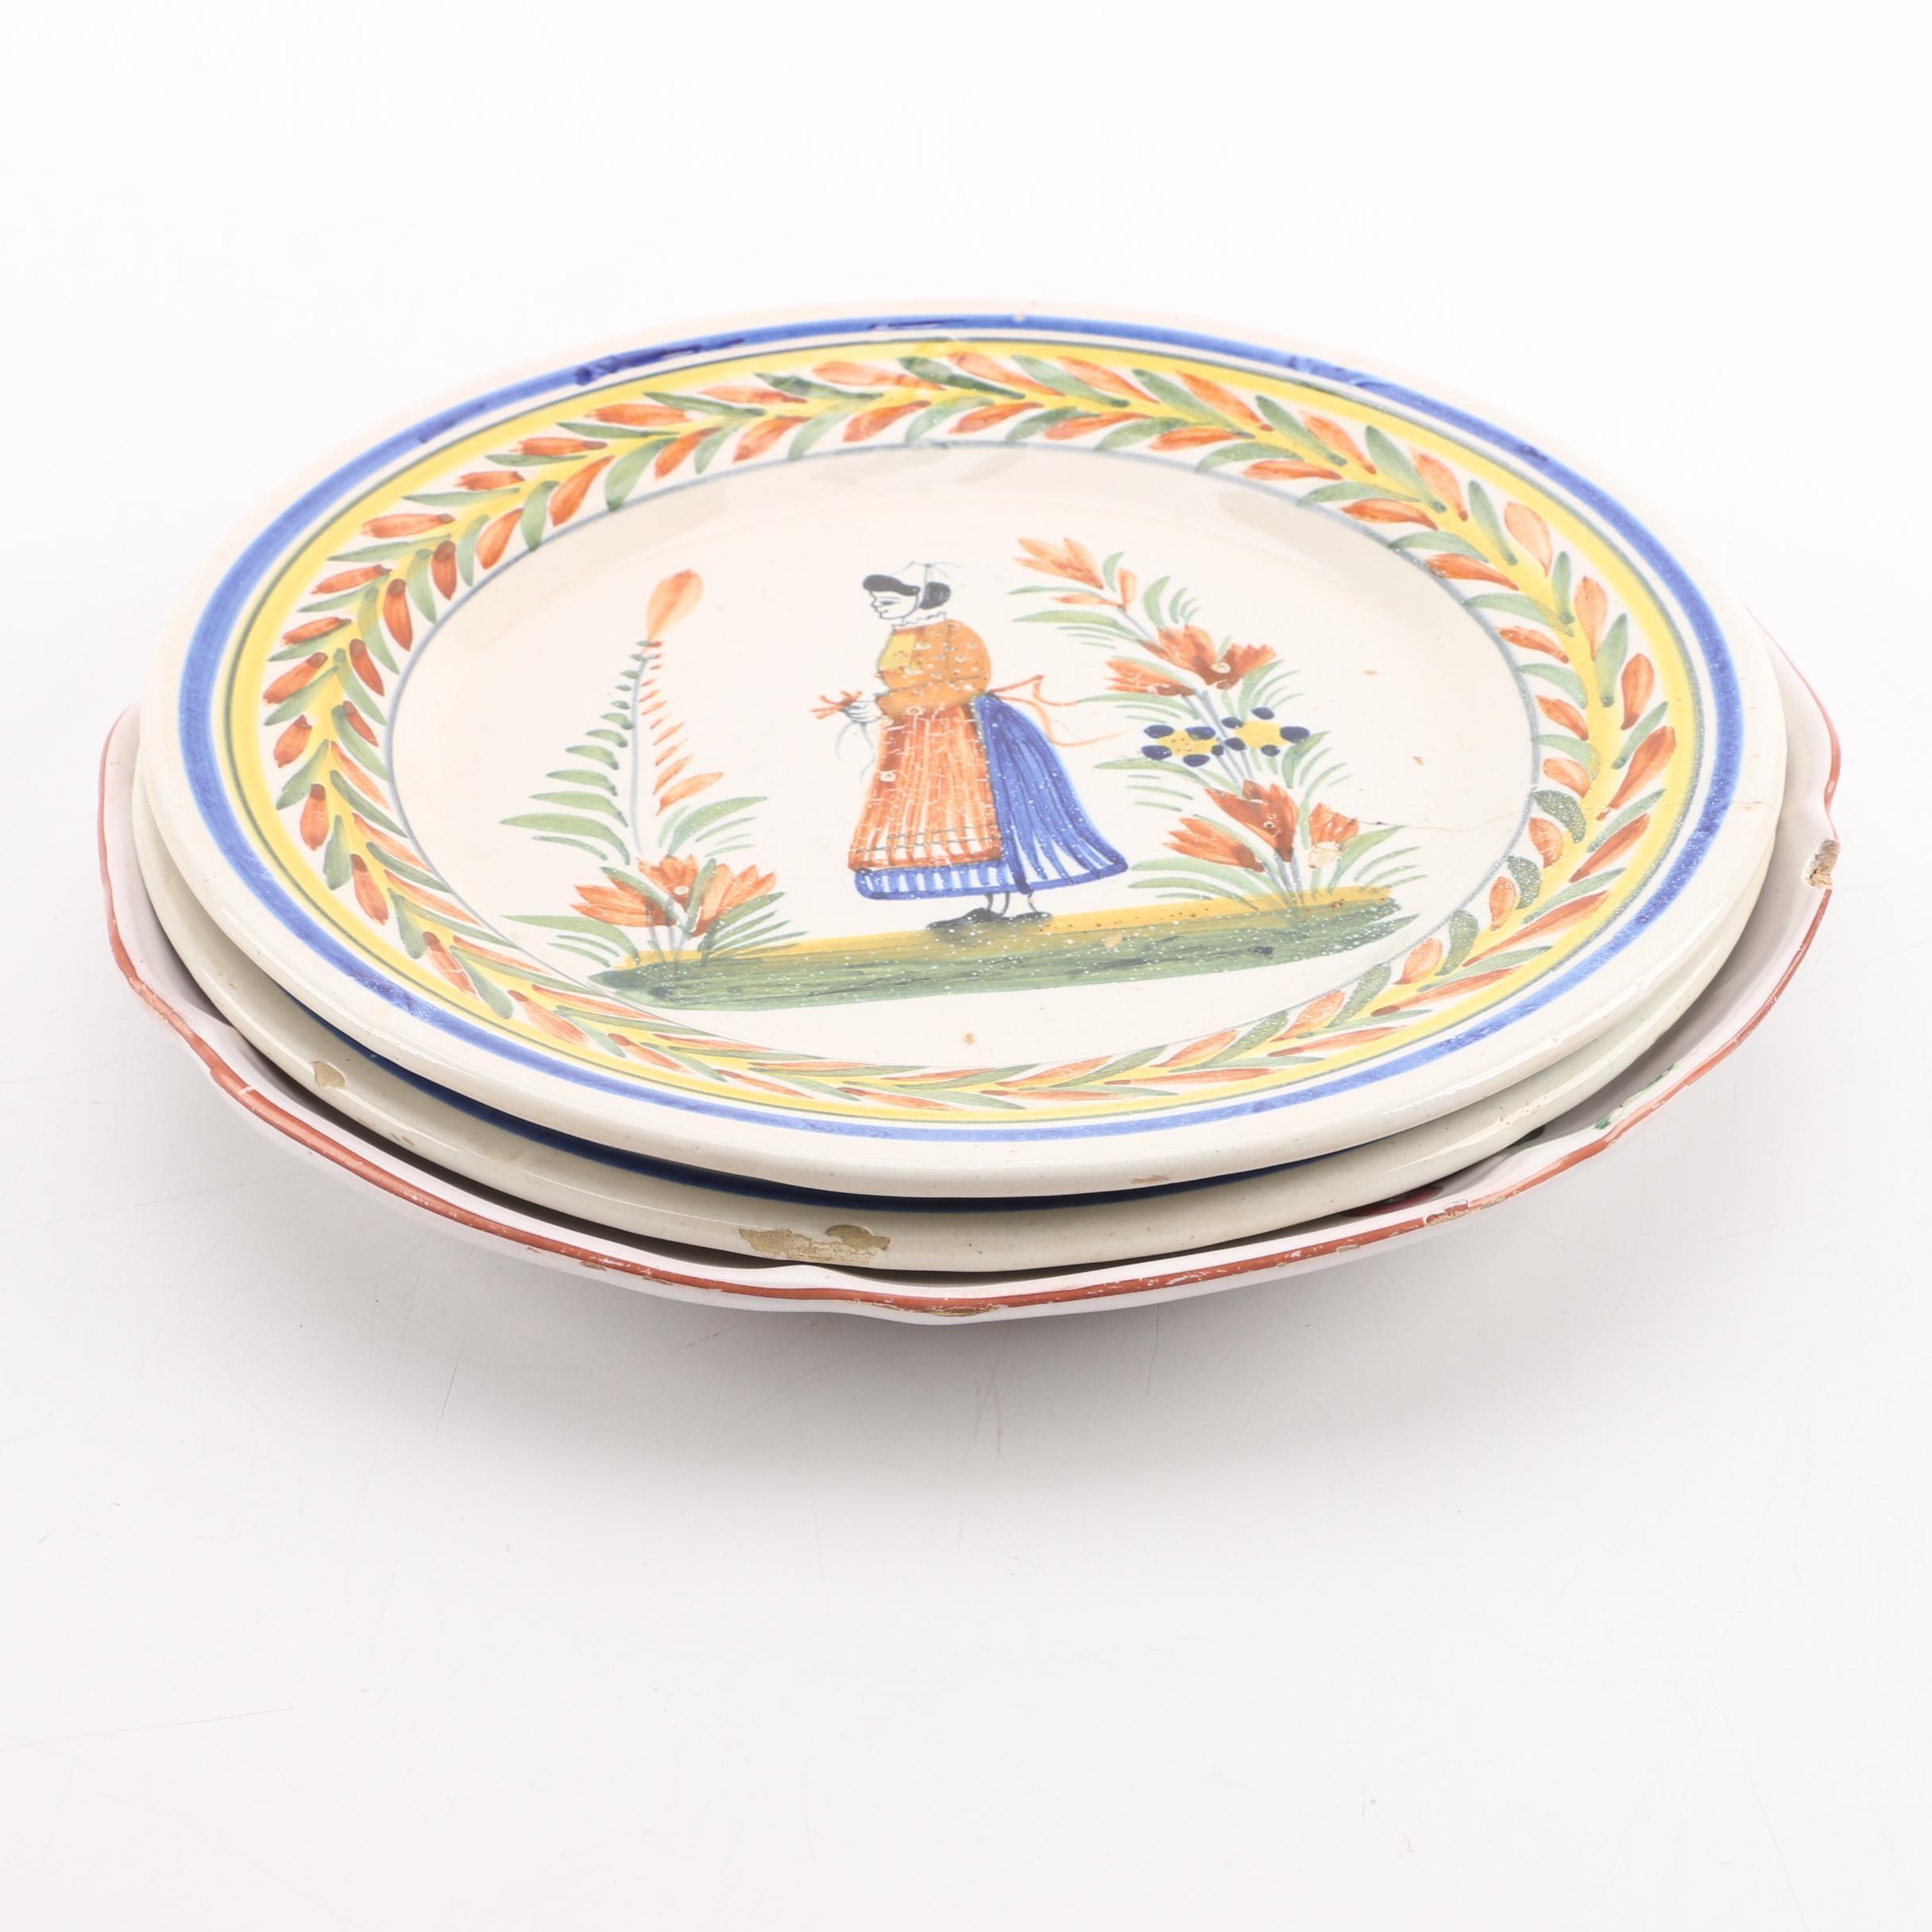 Henriot Quimper Faience Earthenware Plates